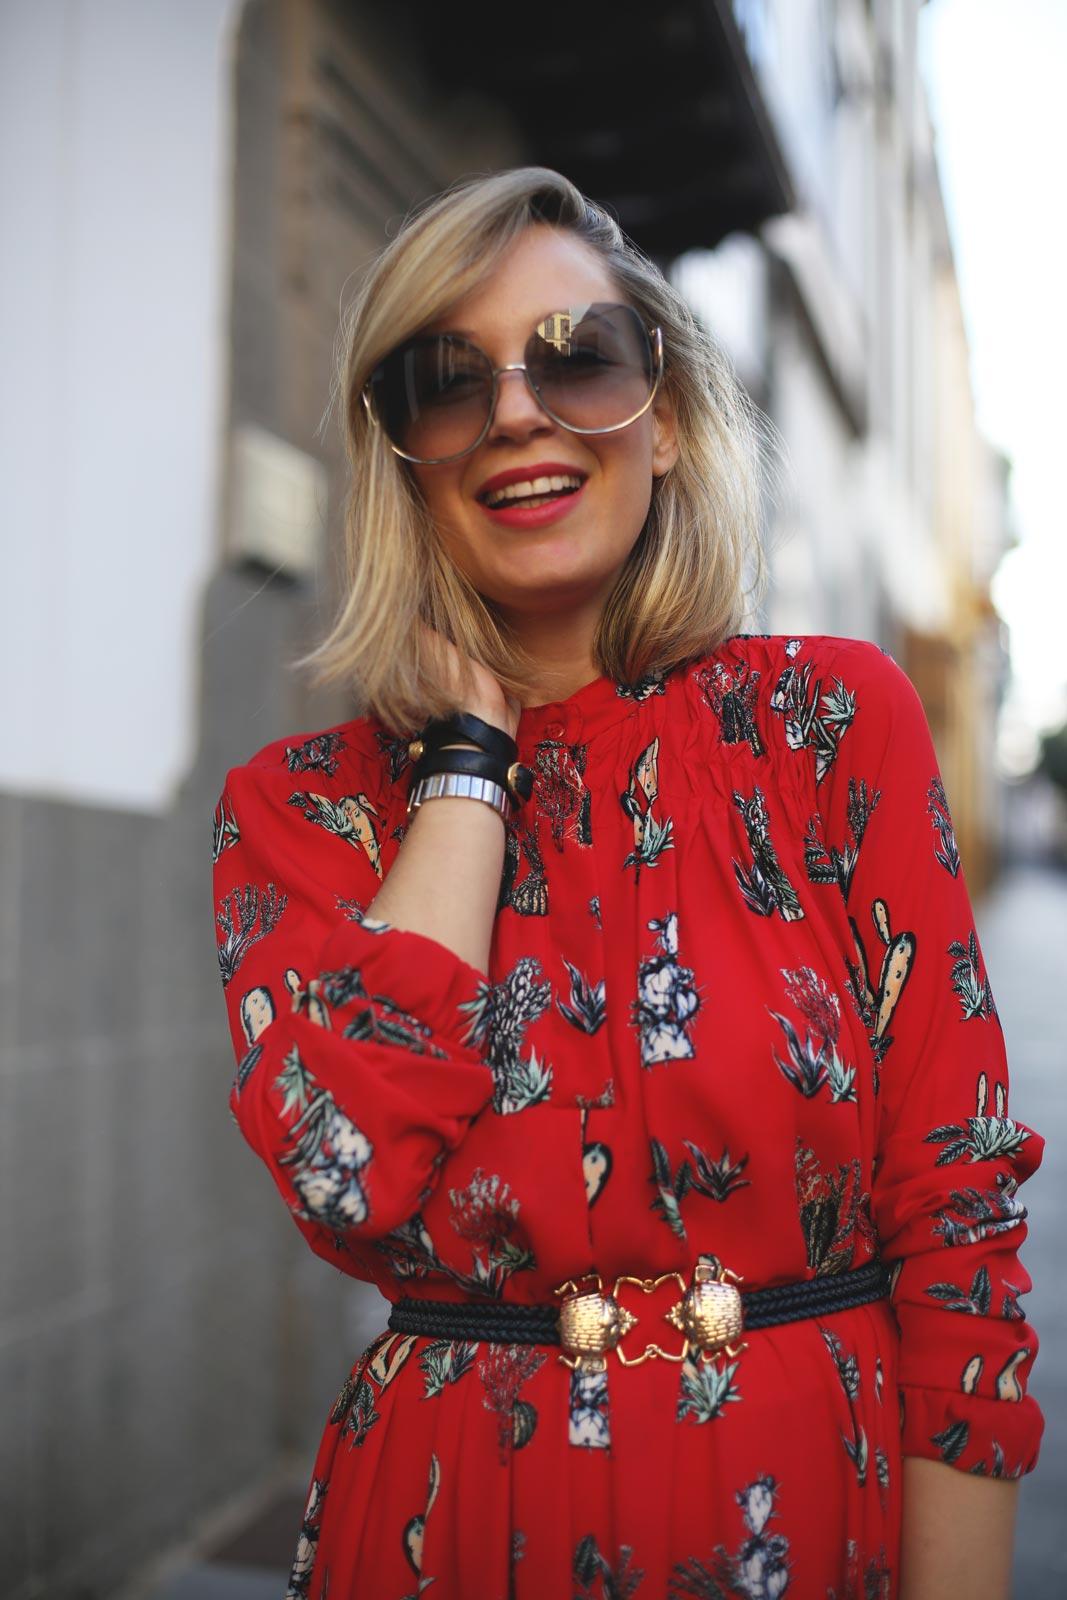 Influencer de moda maternidad y estilo de vida